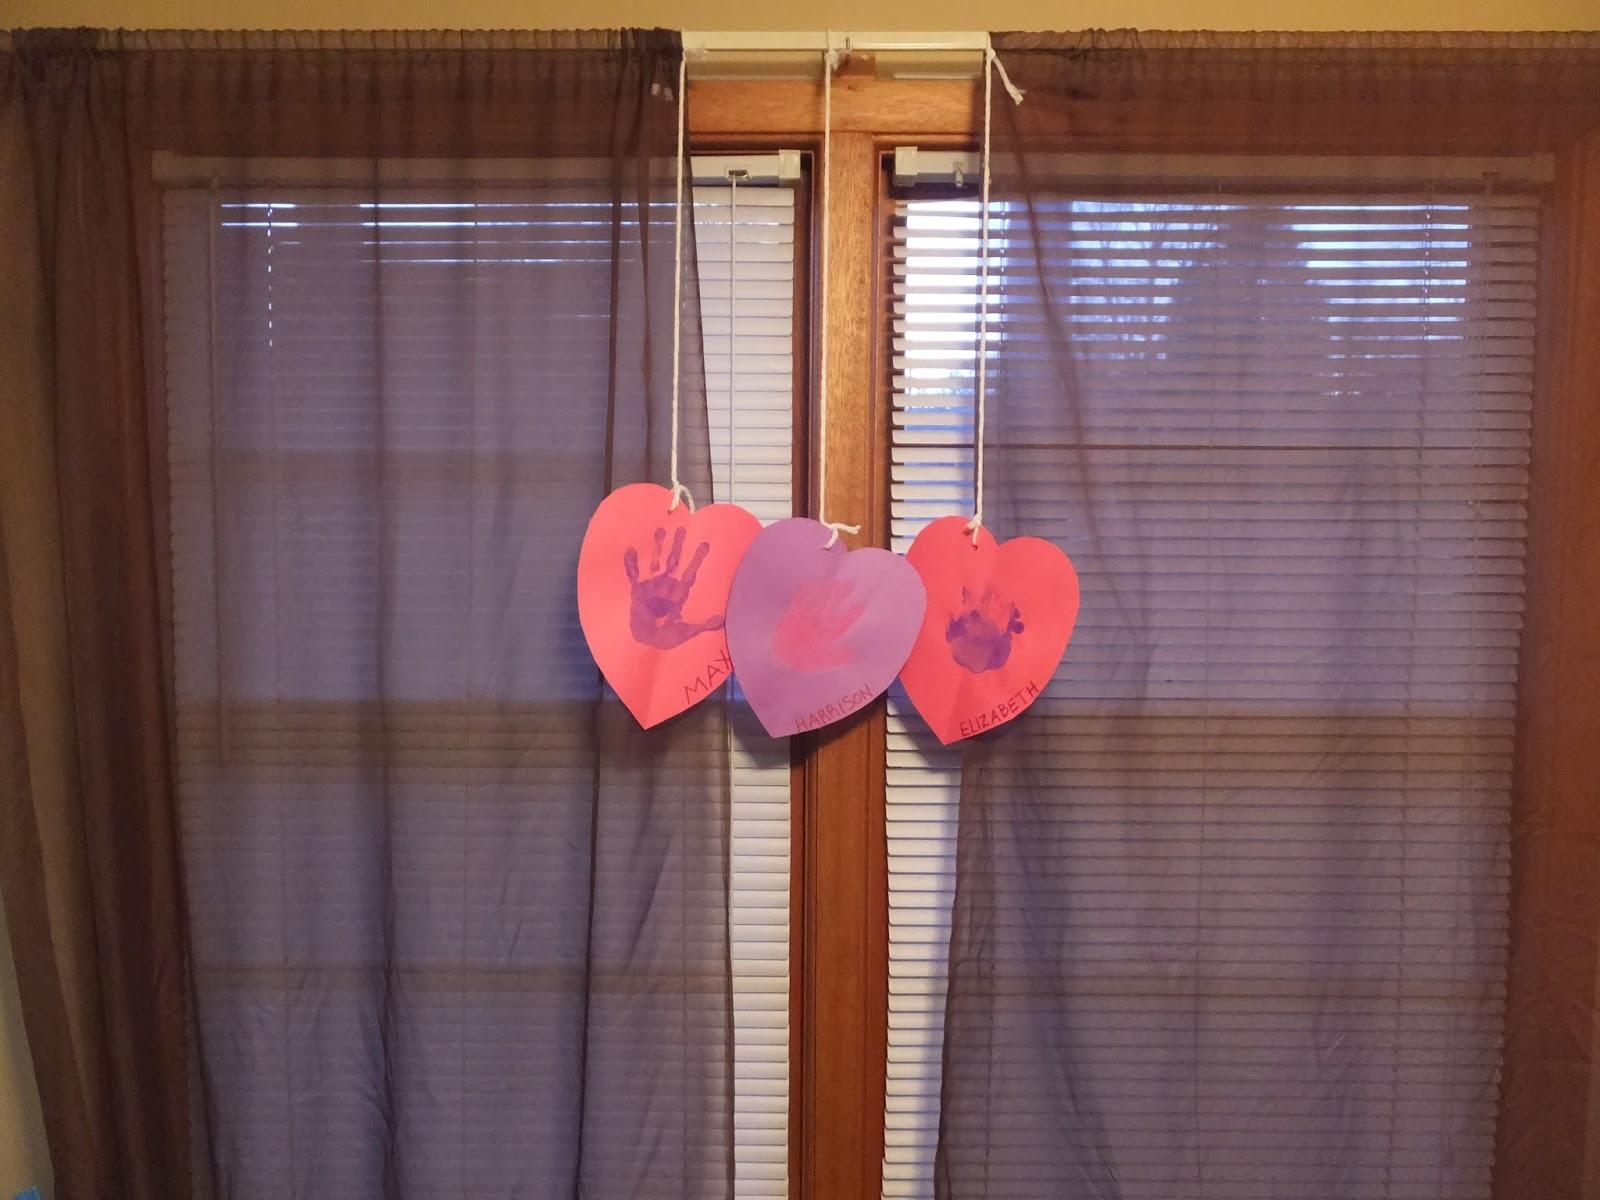 Kidspert Make Your Own Valentine 39 S Decorations